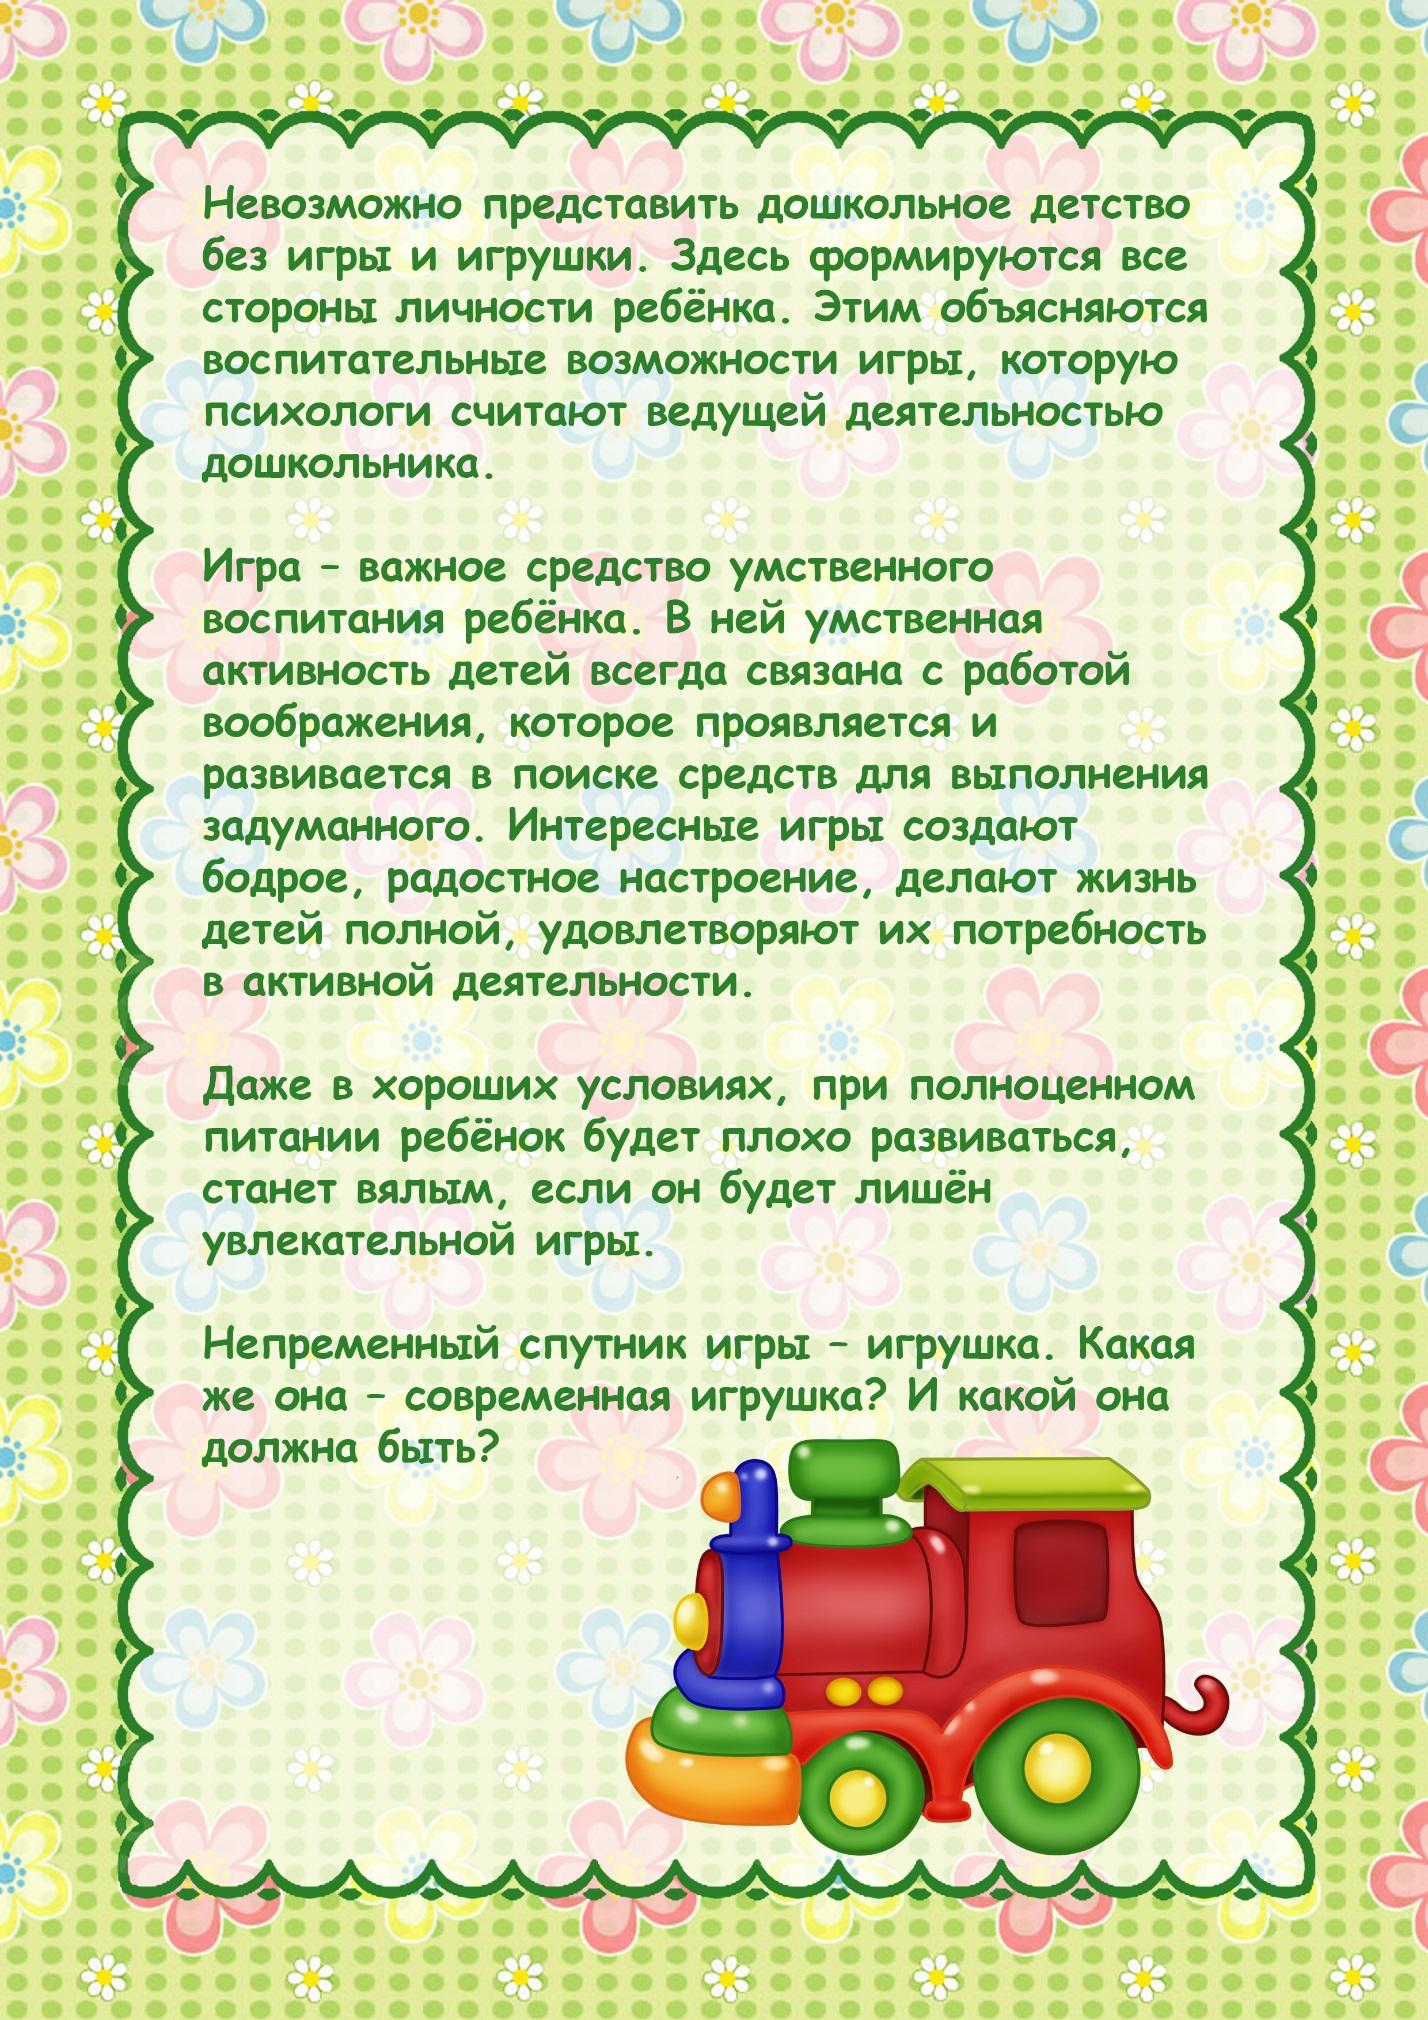 C:\Users\Triline\Desktop\психолог\22школа\Igrushka\Игрушка 1-2.jpg